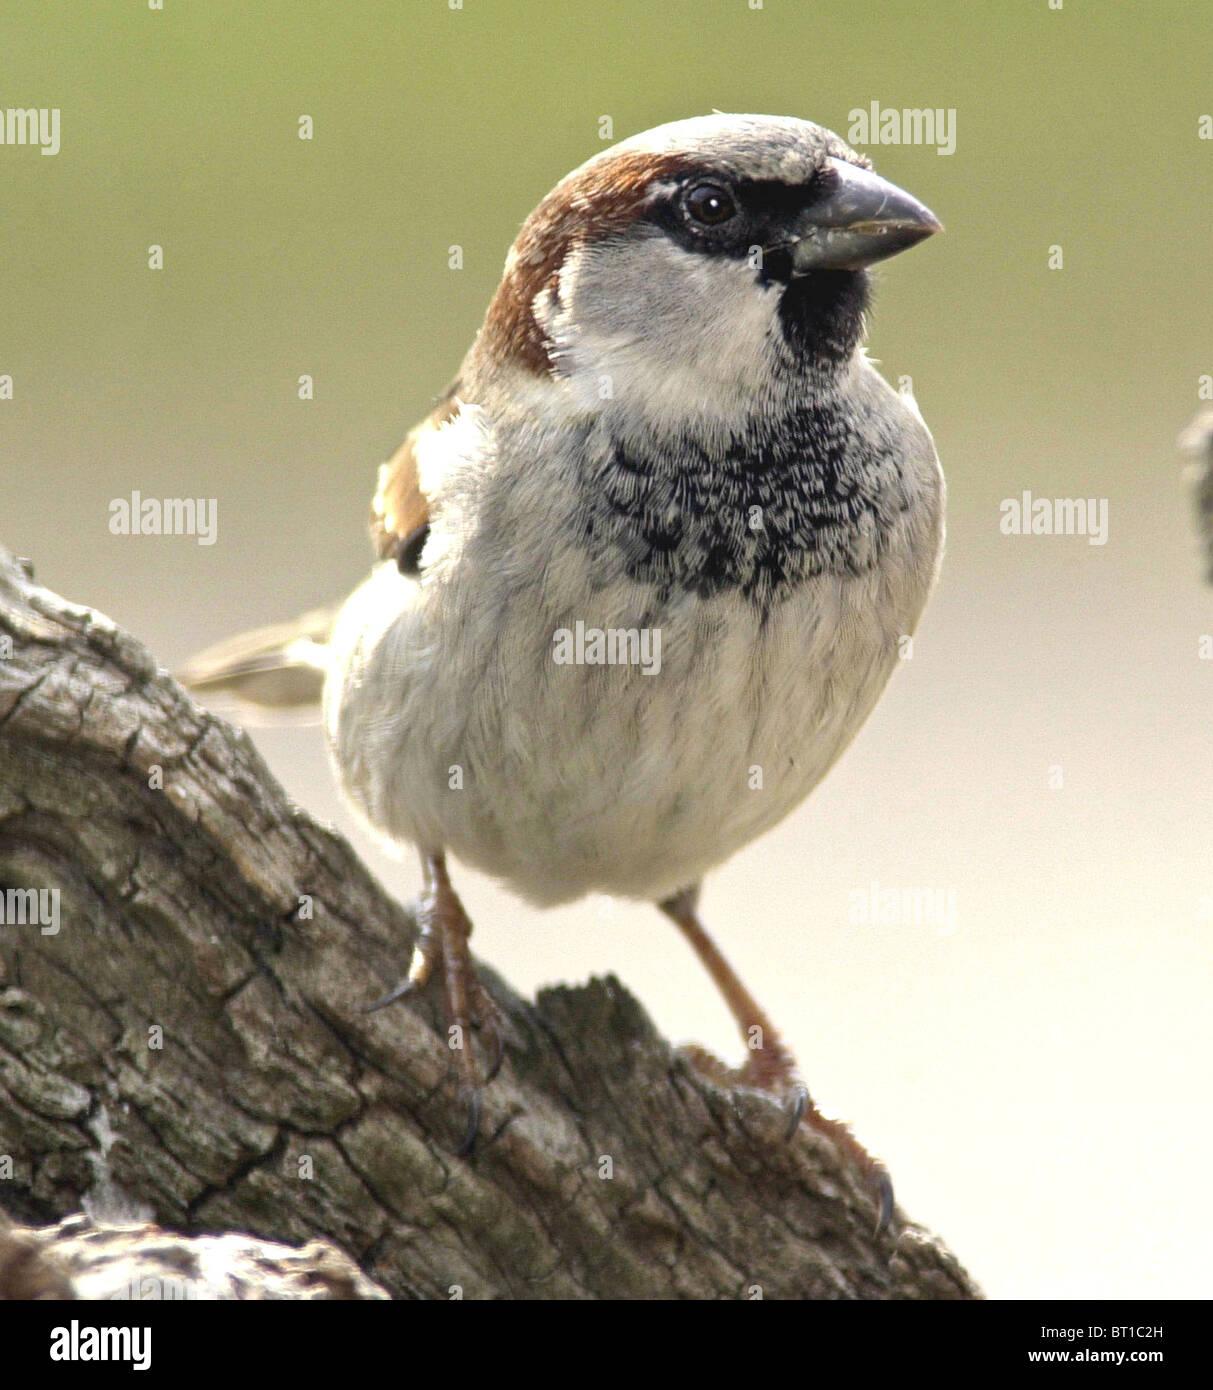 Gorrión gorrión (Passer domesticus) Bien amados pájaros británica ahora en serio declive. Macho maduro. Foto de stock